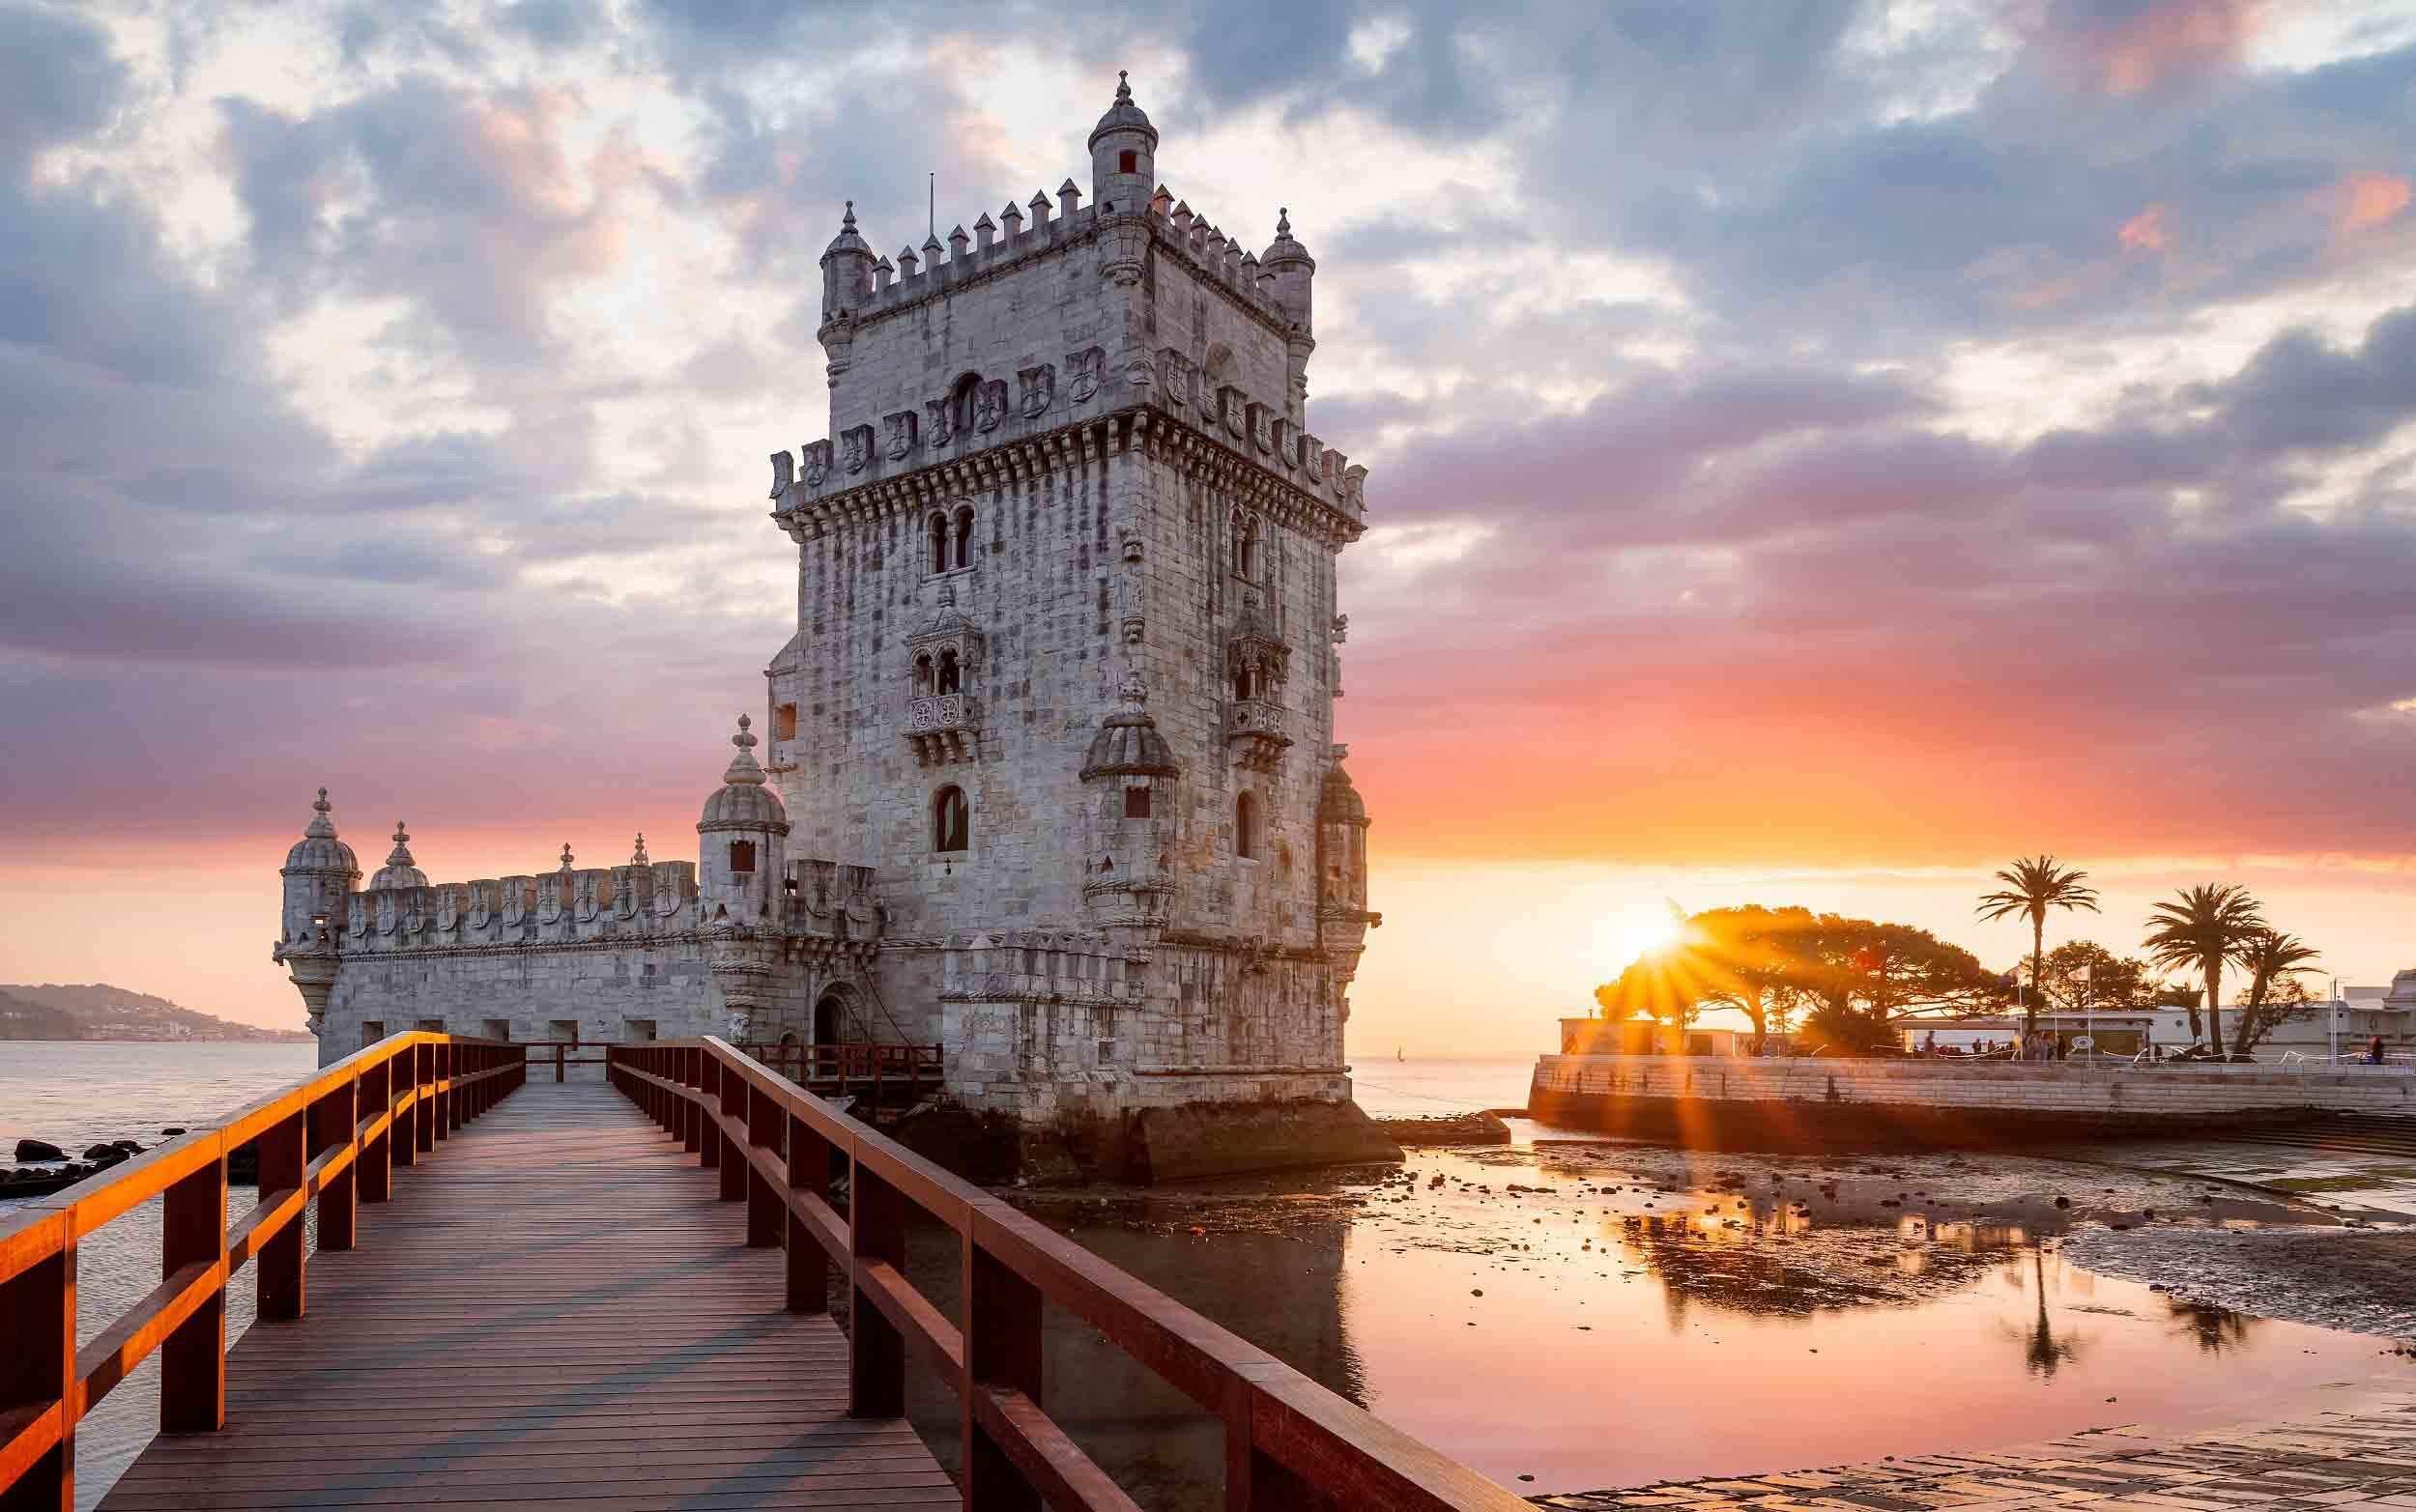 葡萄牙投资移民需要多少钱 中产家庭的移民选择